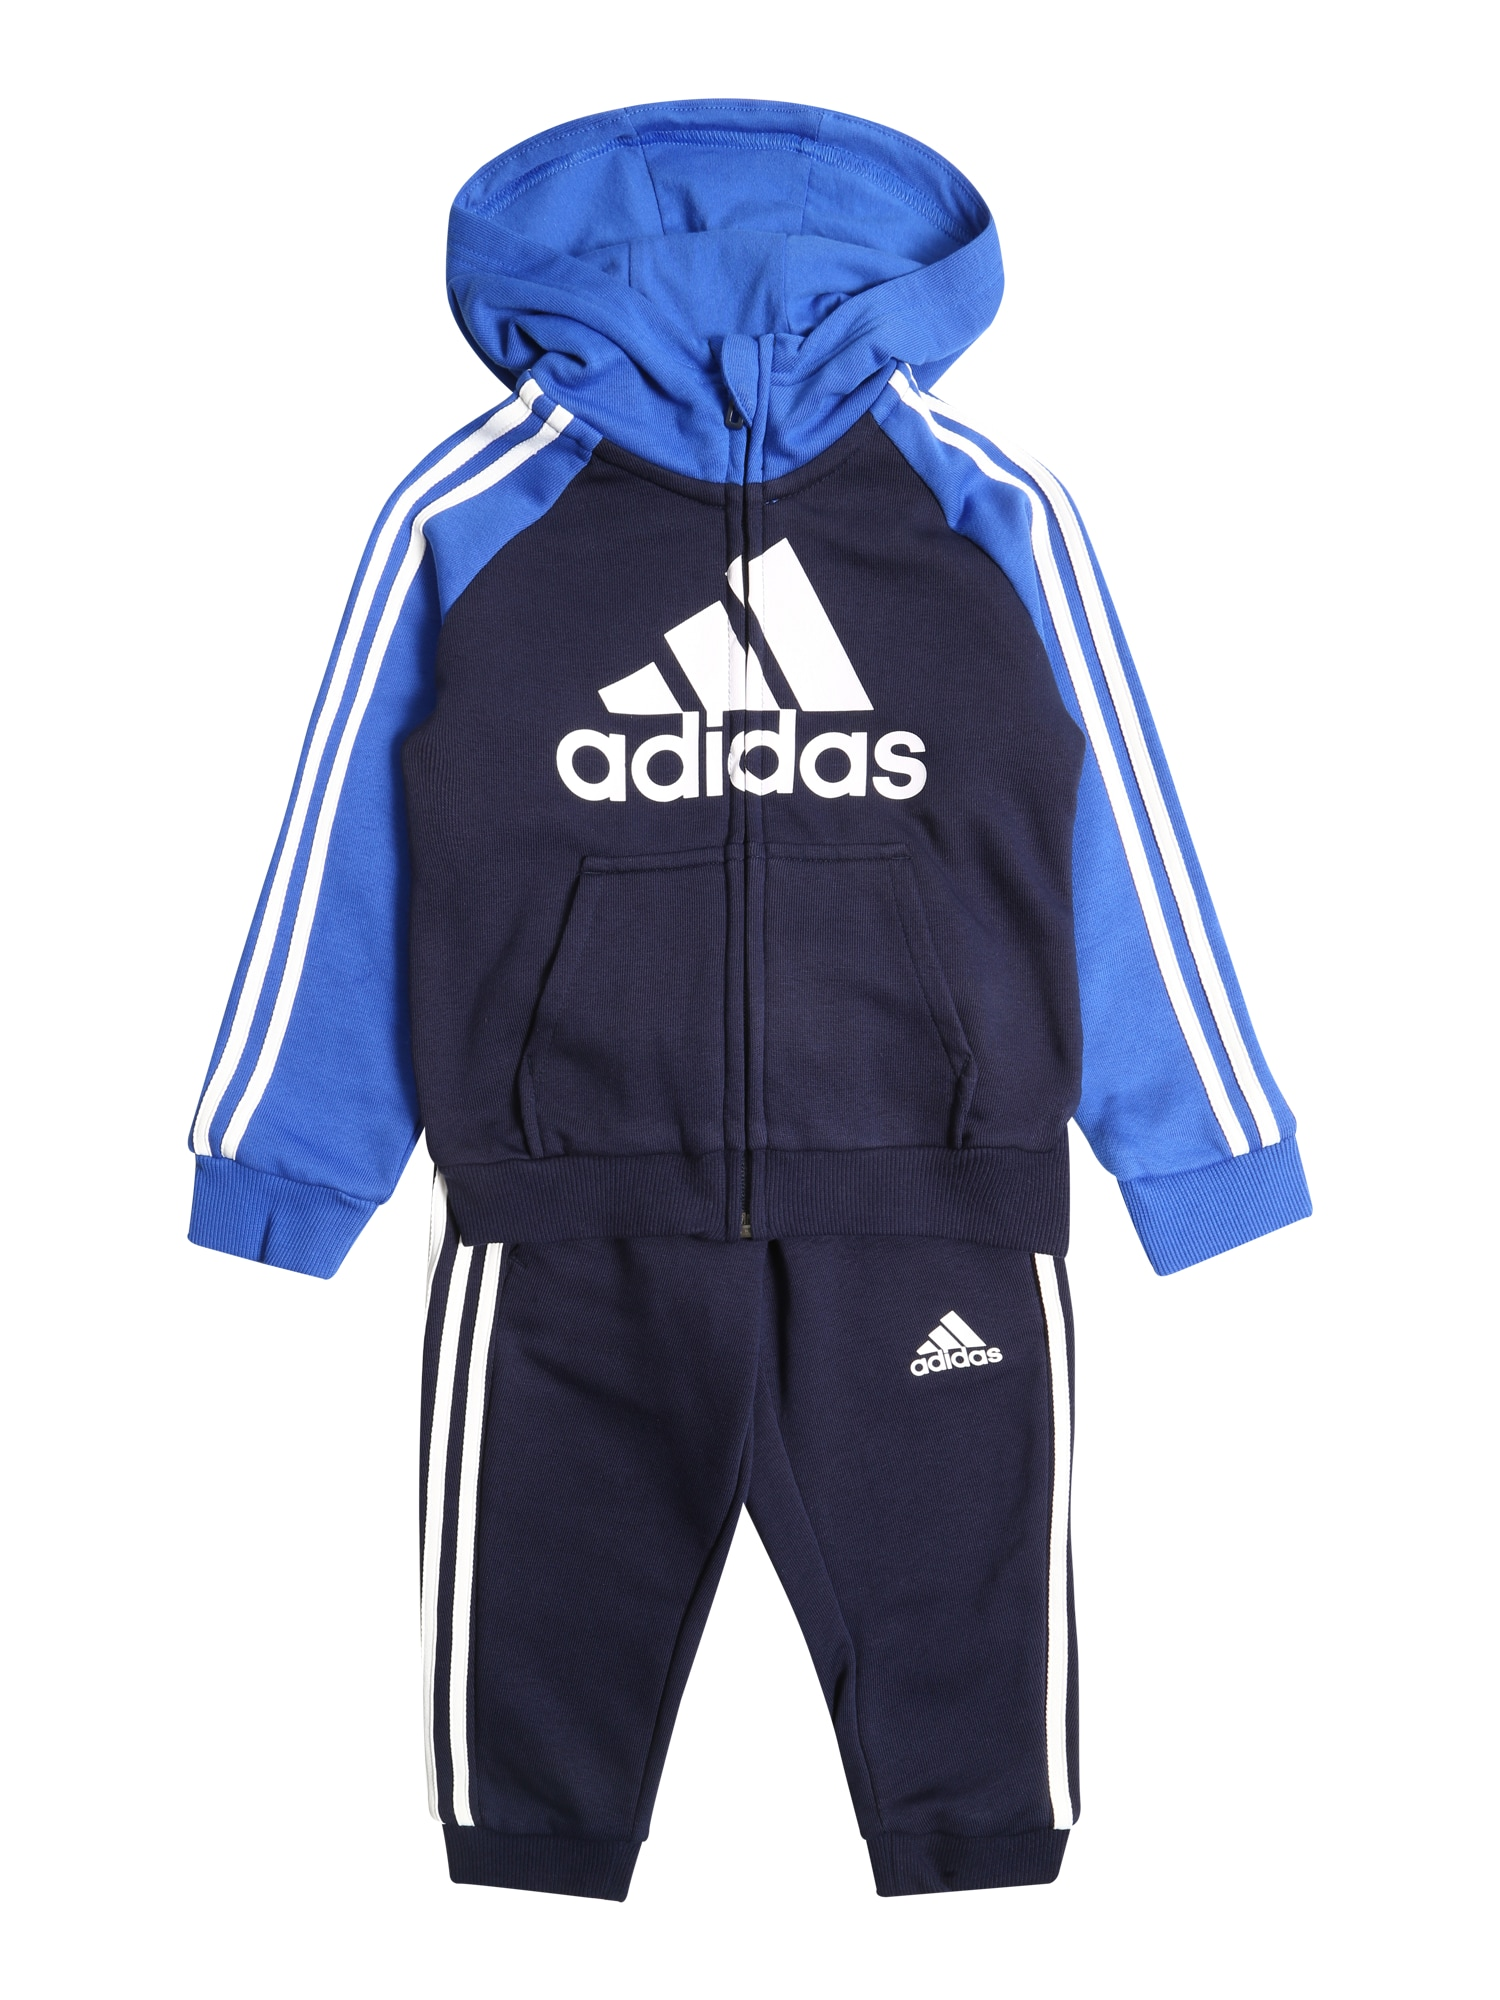 ADIDAS PERFORMANCE Treniruočių kostiumas mėlyna / tamsiai mėlyna